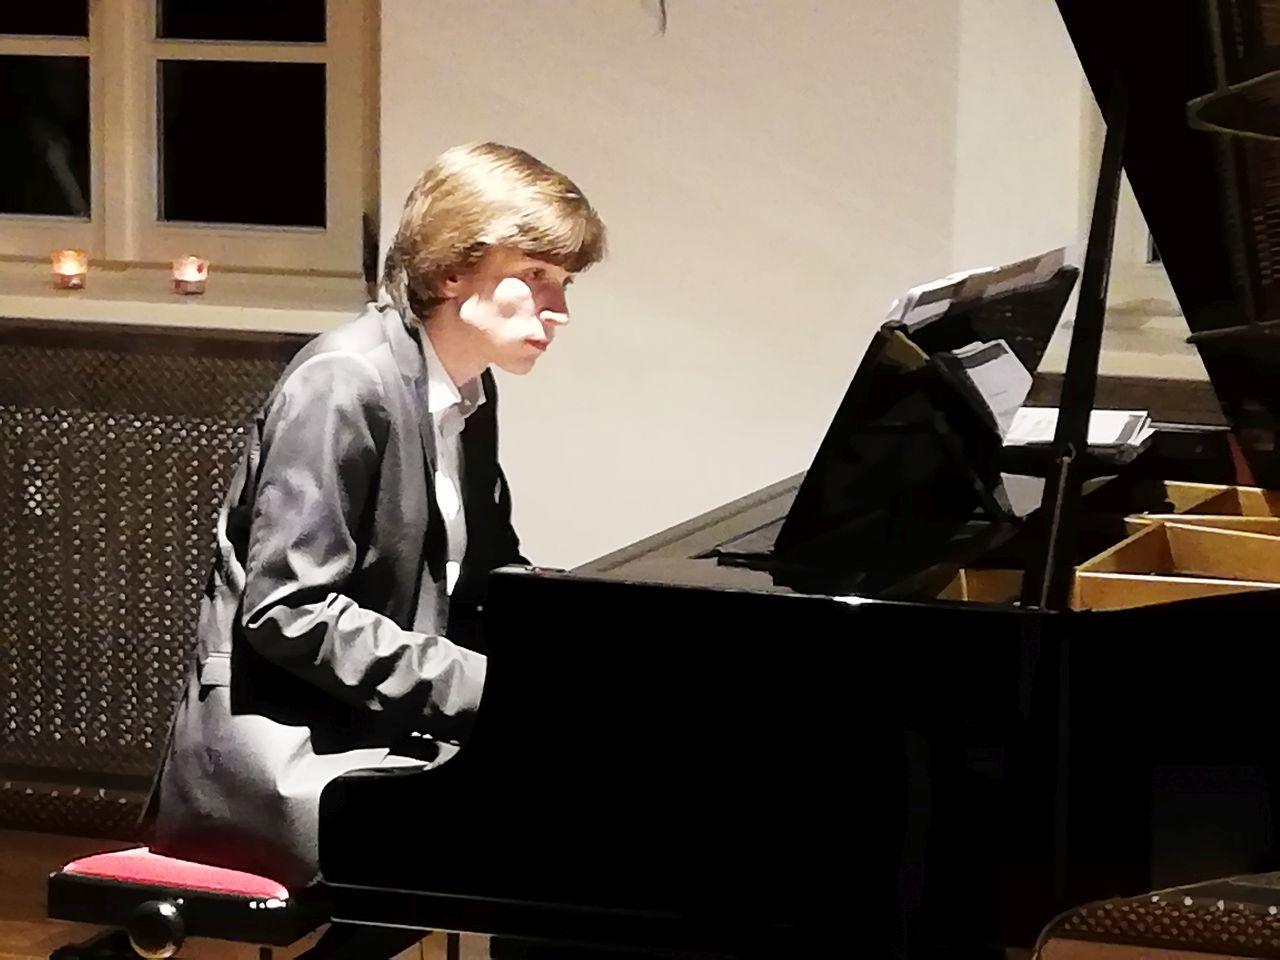 Klavier ist seine Passion